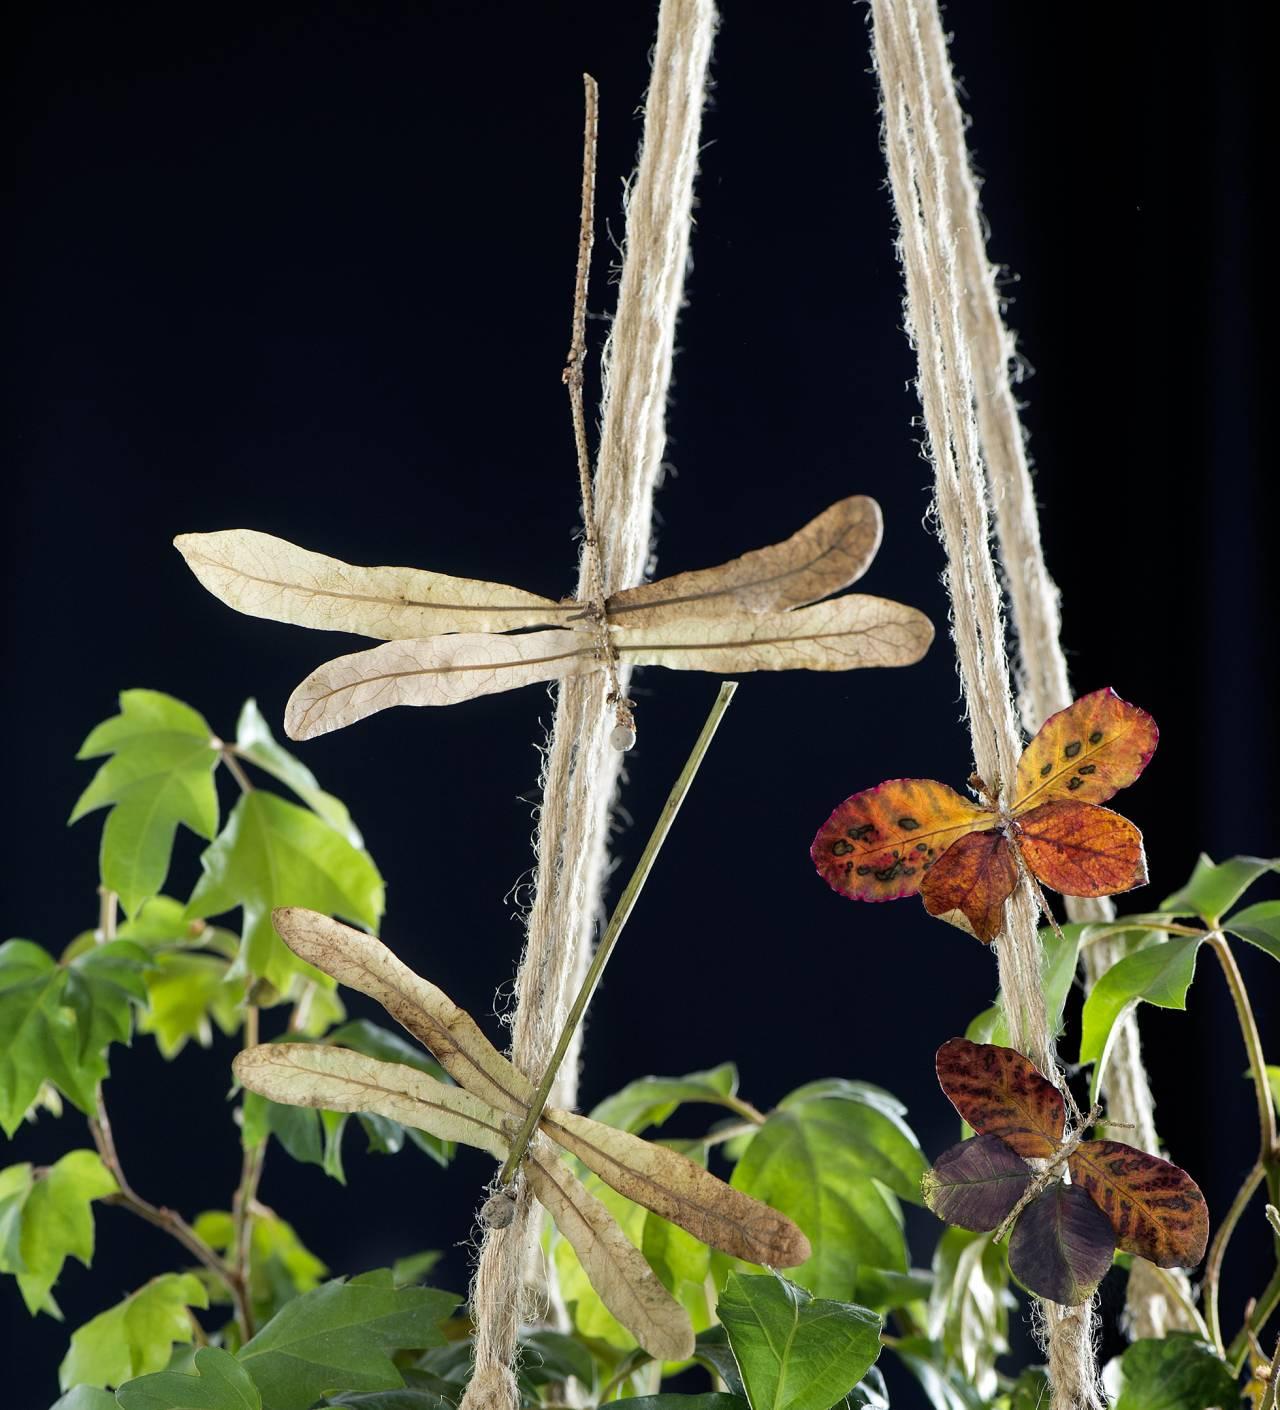 Fjärilar och sländor - skapade av torkade blad.